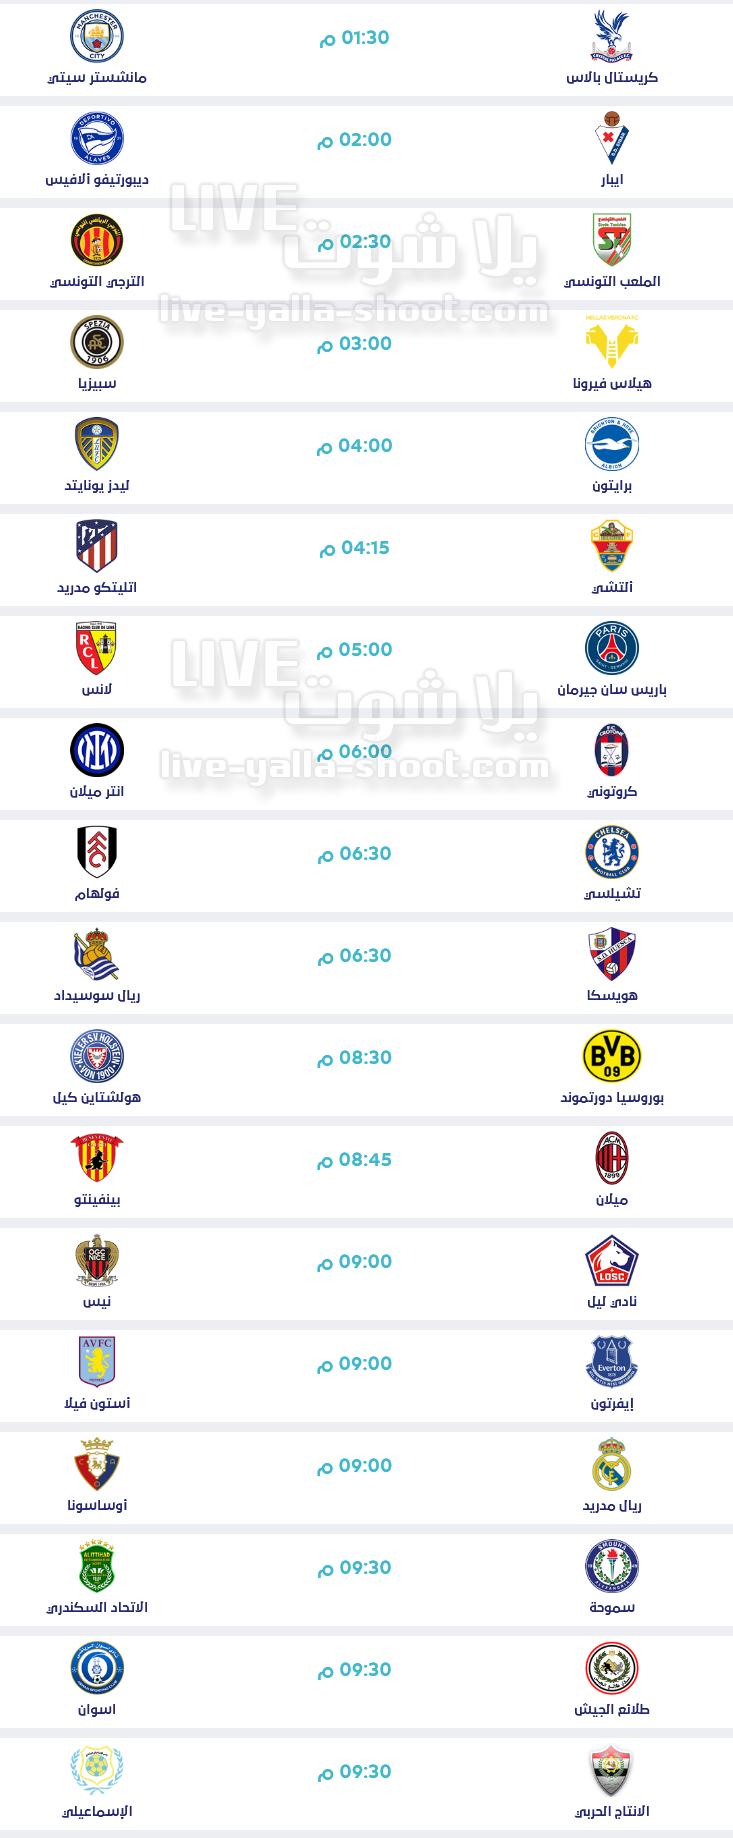 مواعيد أهم مباريات اليوم السبت 1-5-2021 والقنوات الناقلة